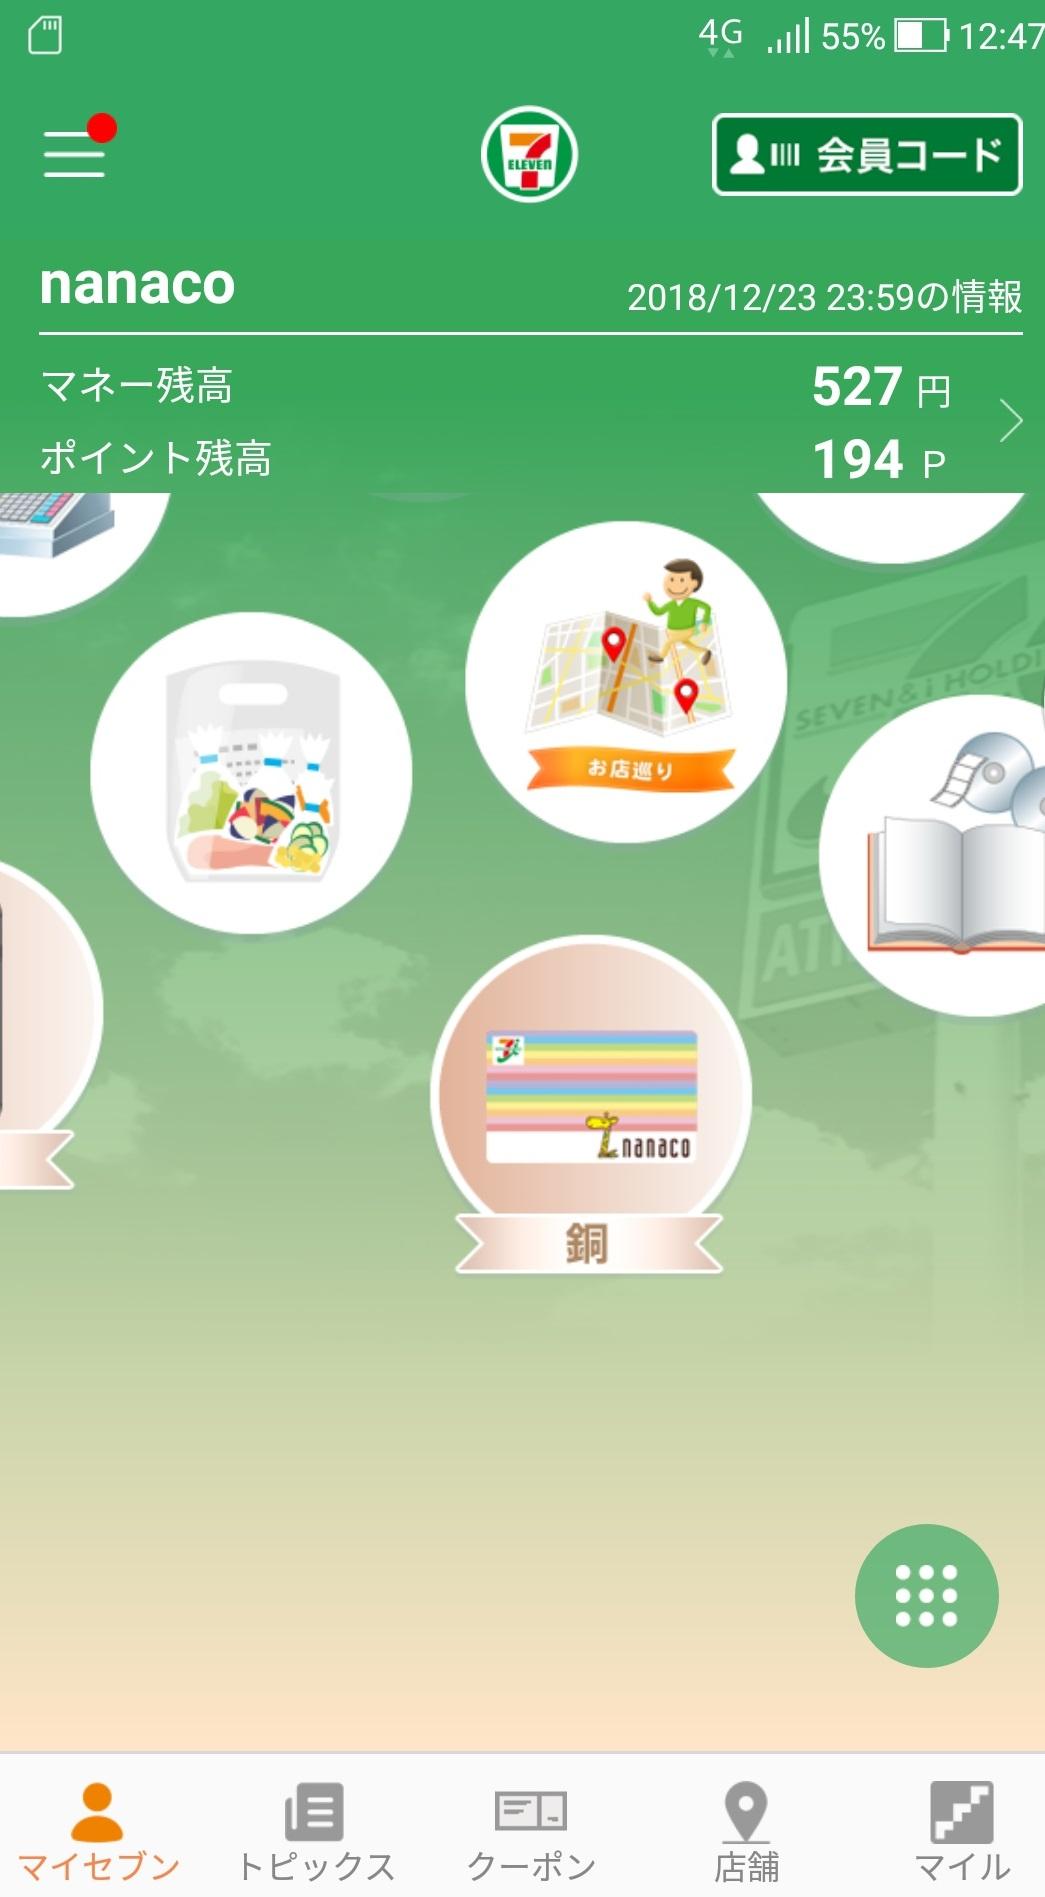 seven_app_nanaco2.jpg